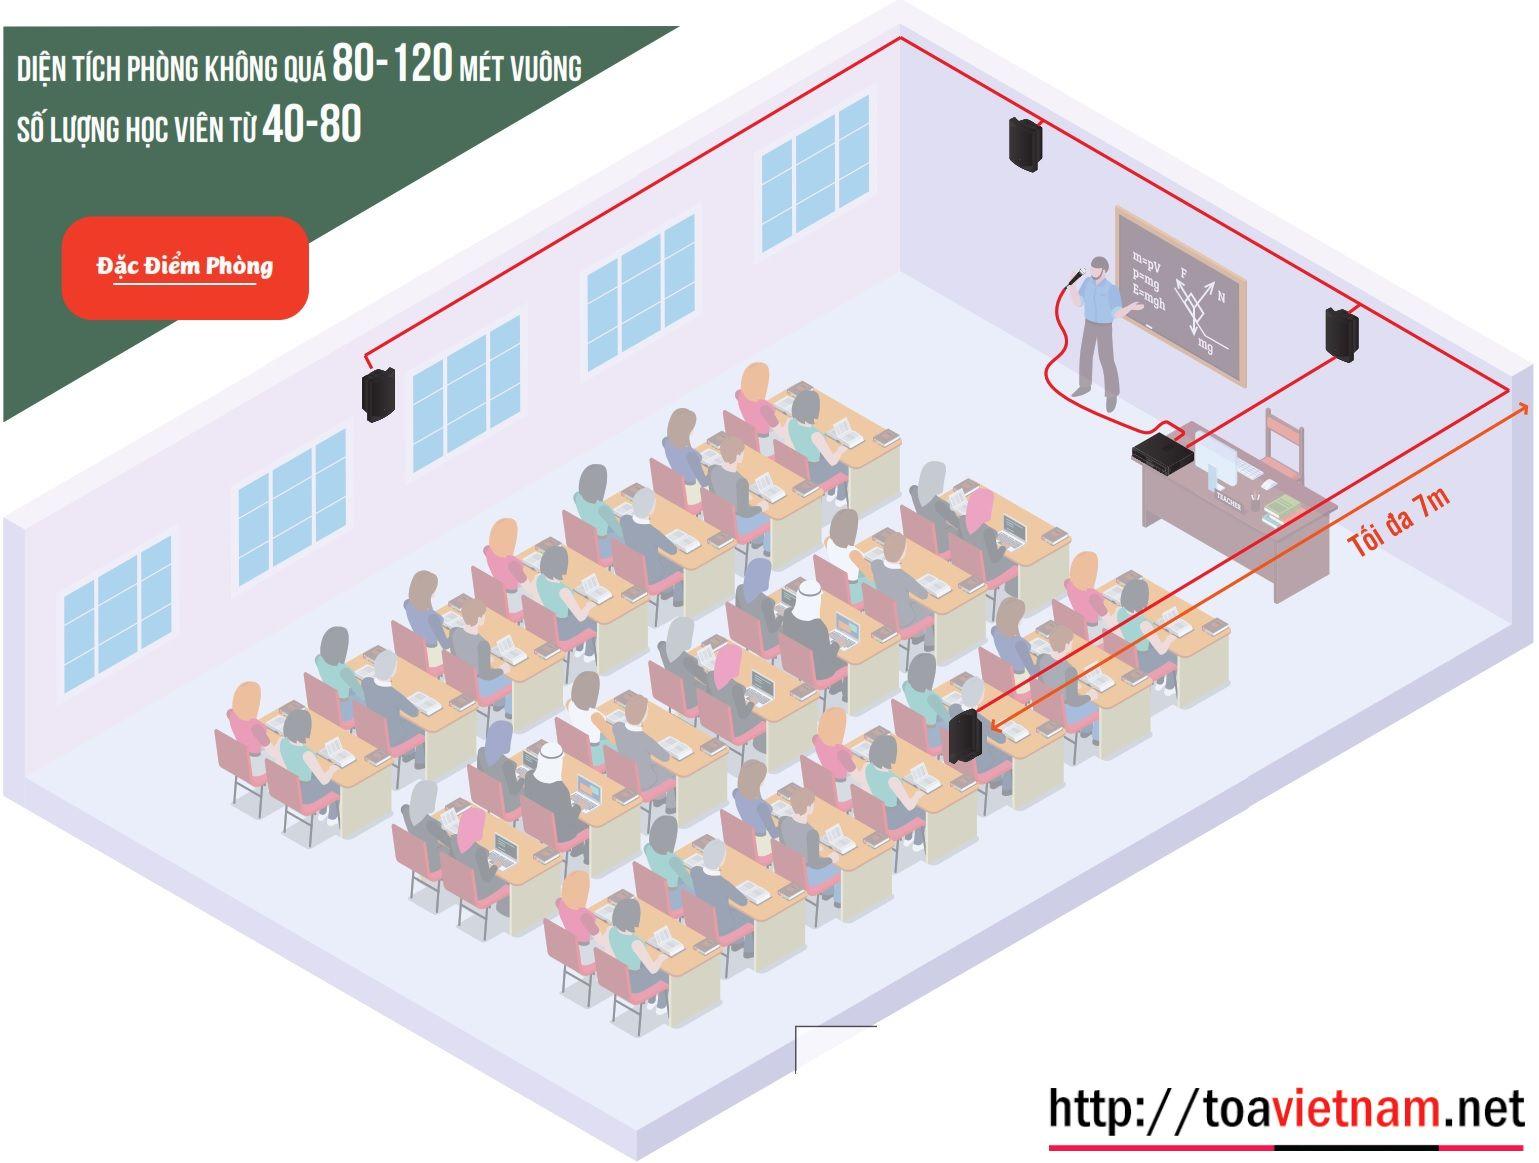 âm thanh phòng học trung bình